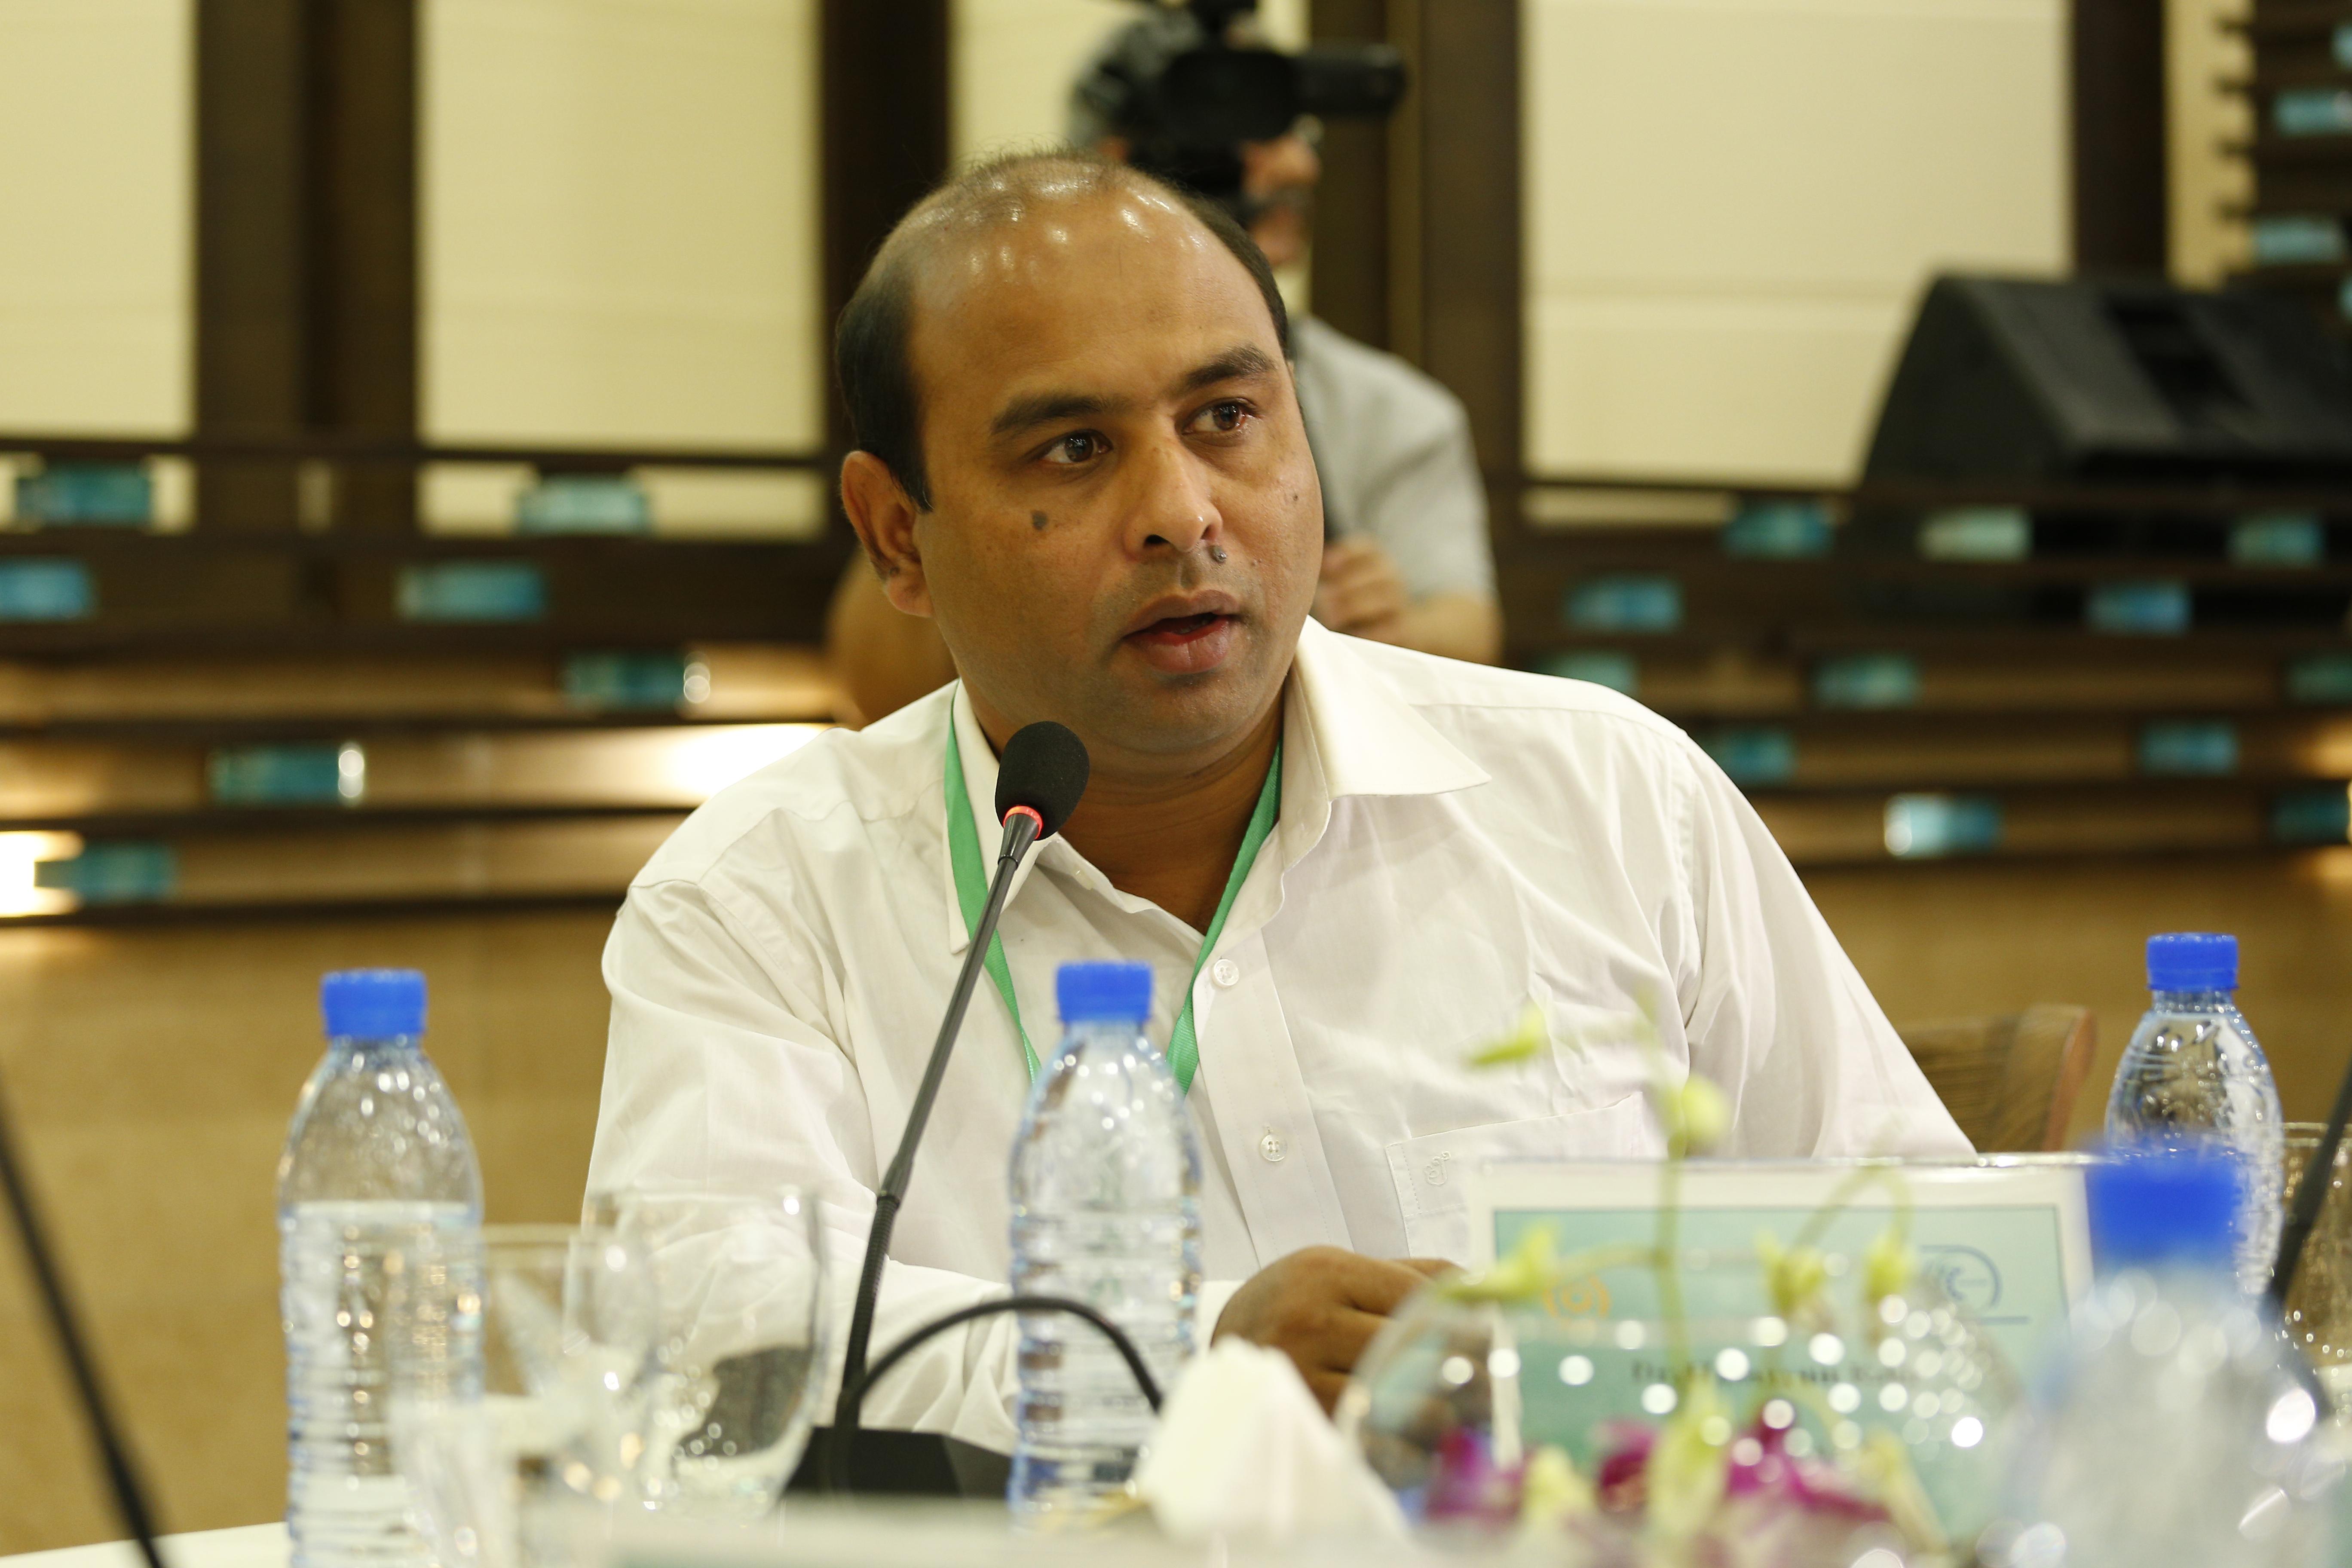 Dr. Humayun  Kabir